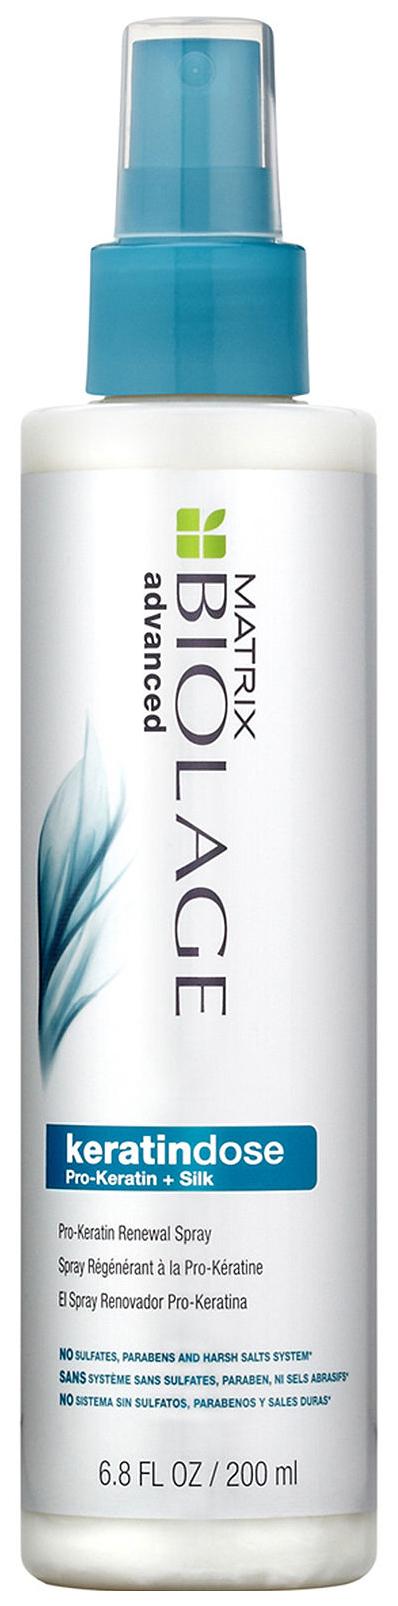 Купить Спрей для волос Matrix Biolage Keratindose Pro Keratin Renewal Spray 200 мл